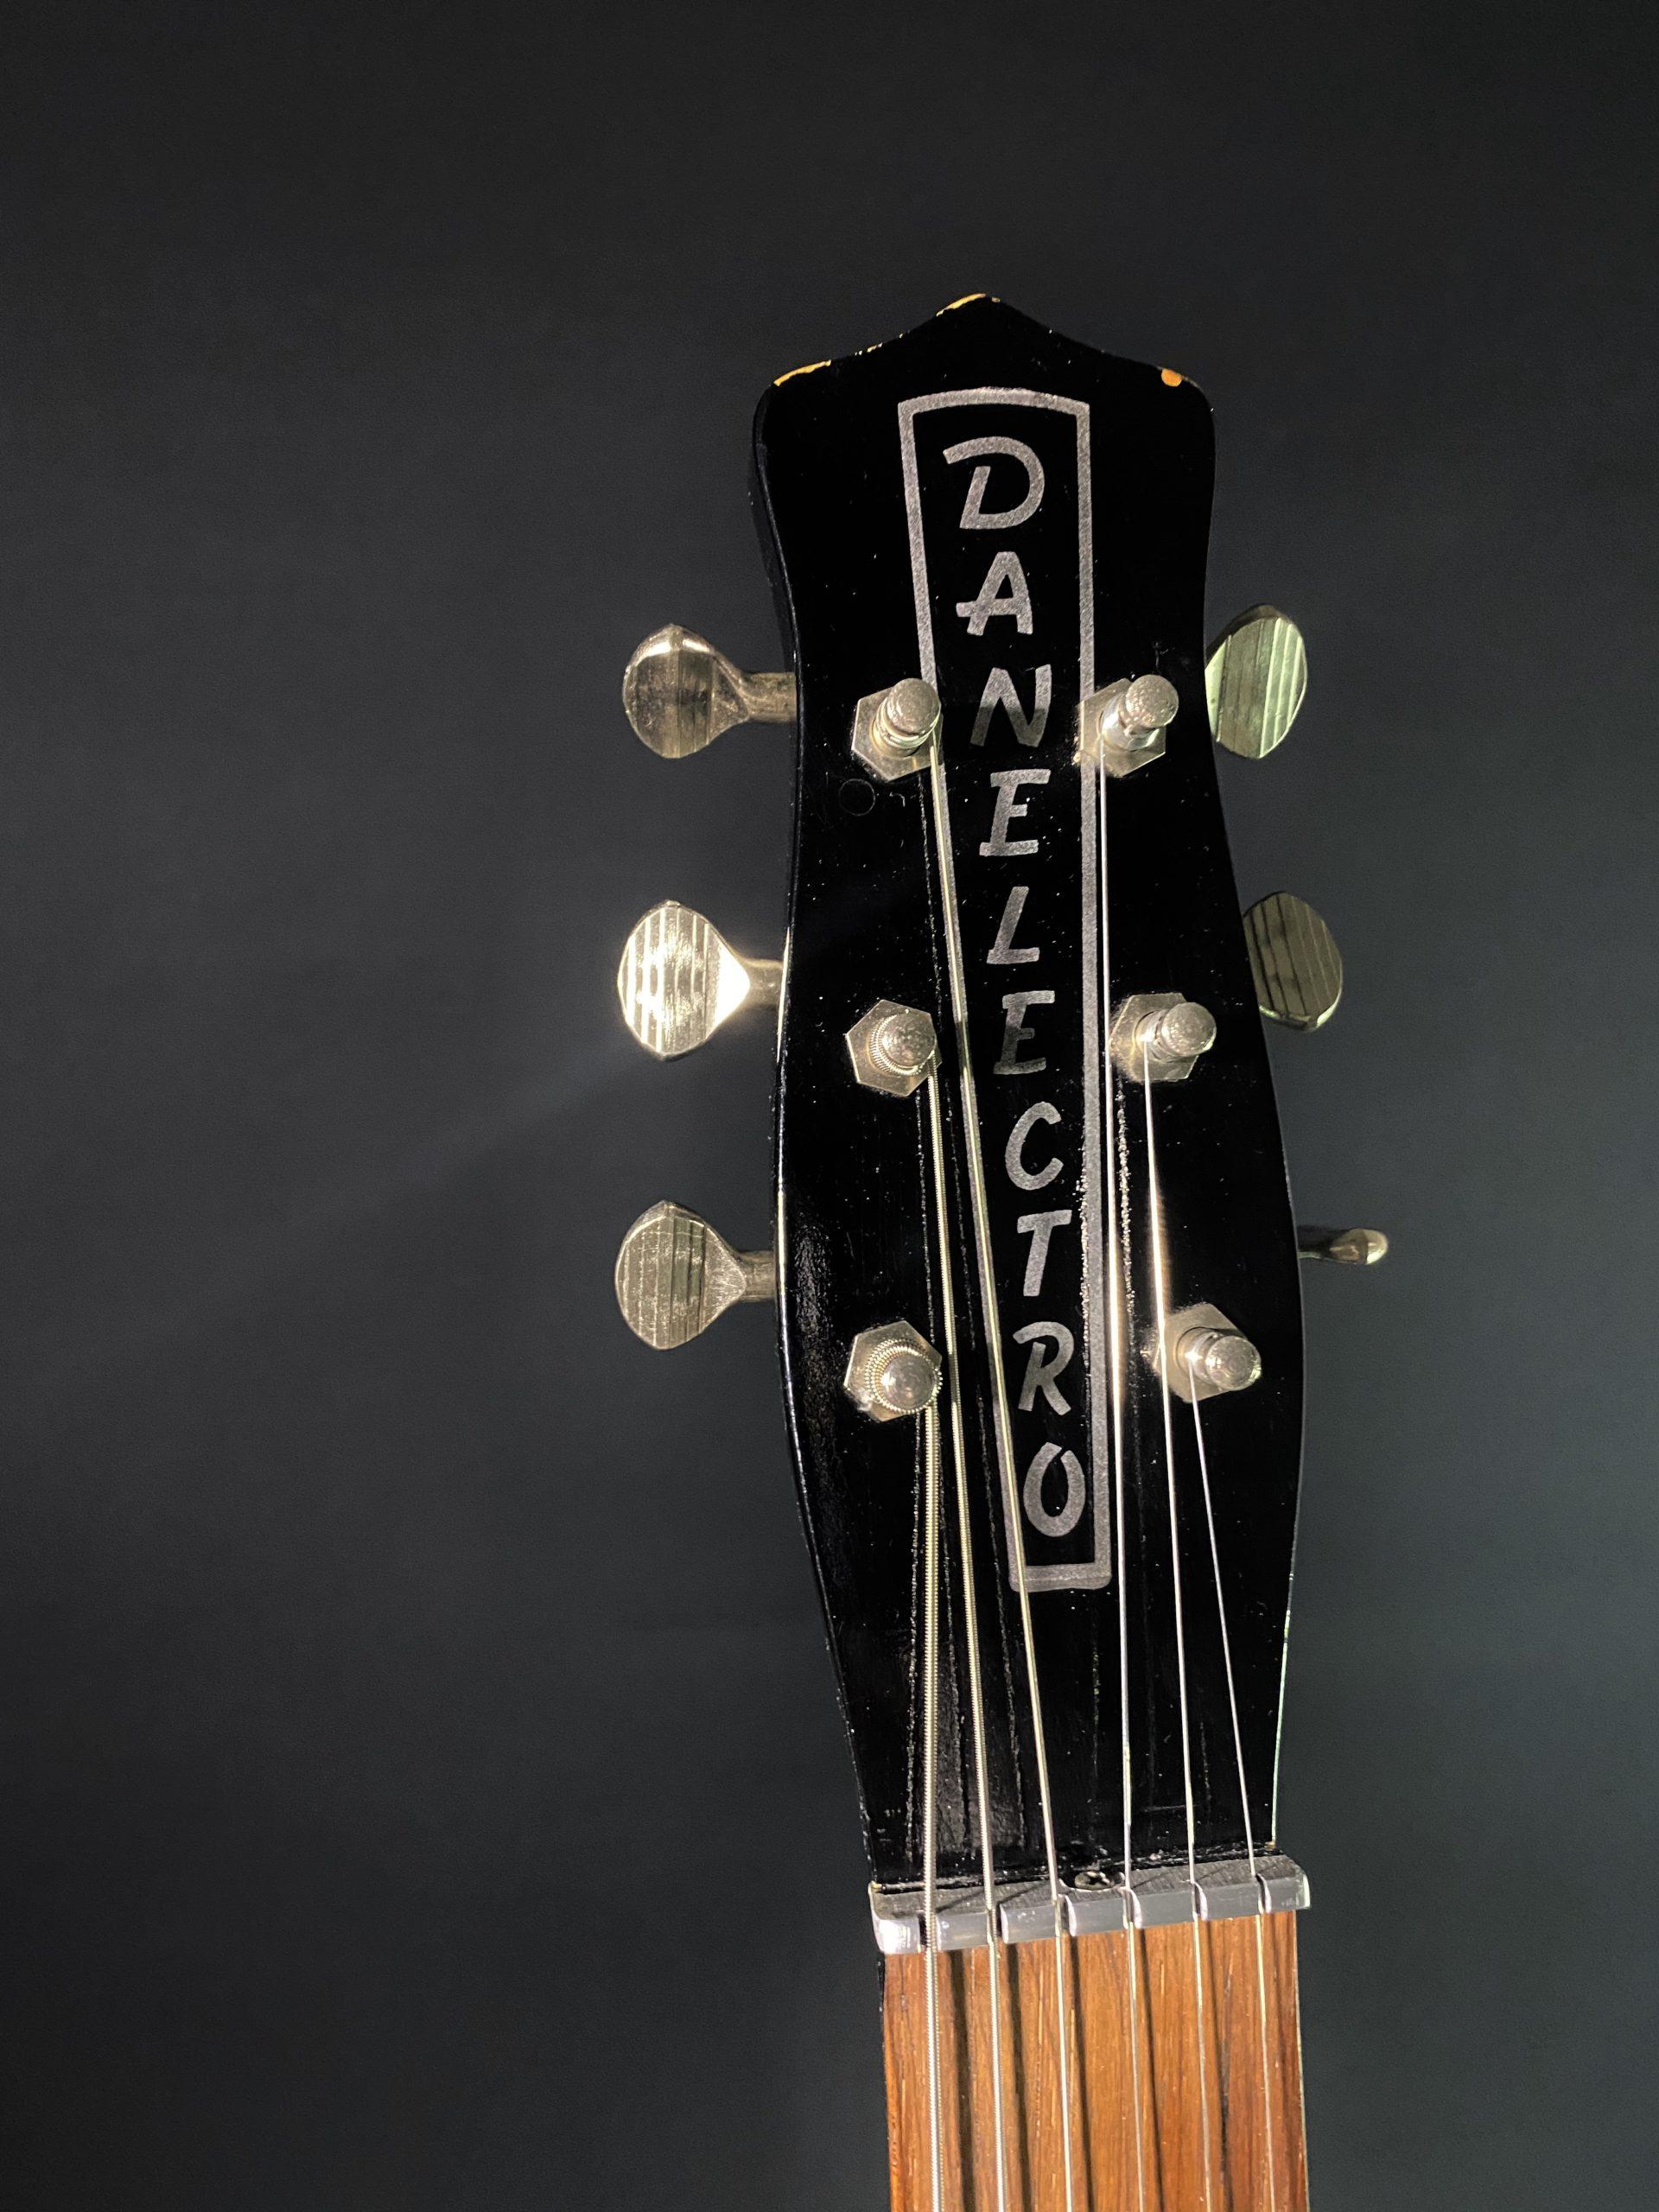 1959 Danelectro Shorthorn 02